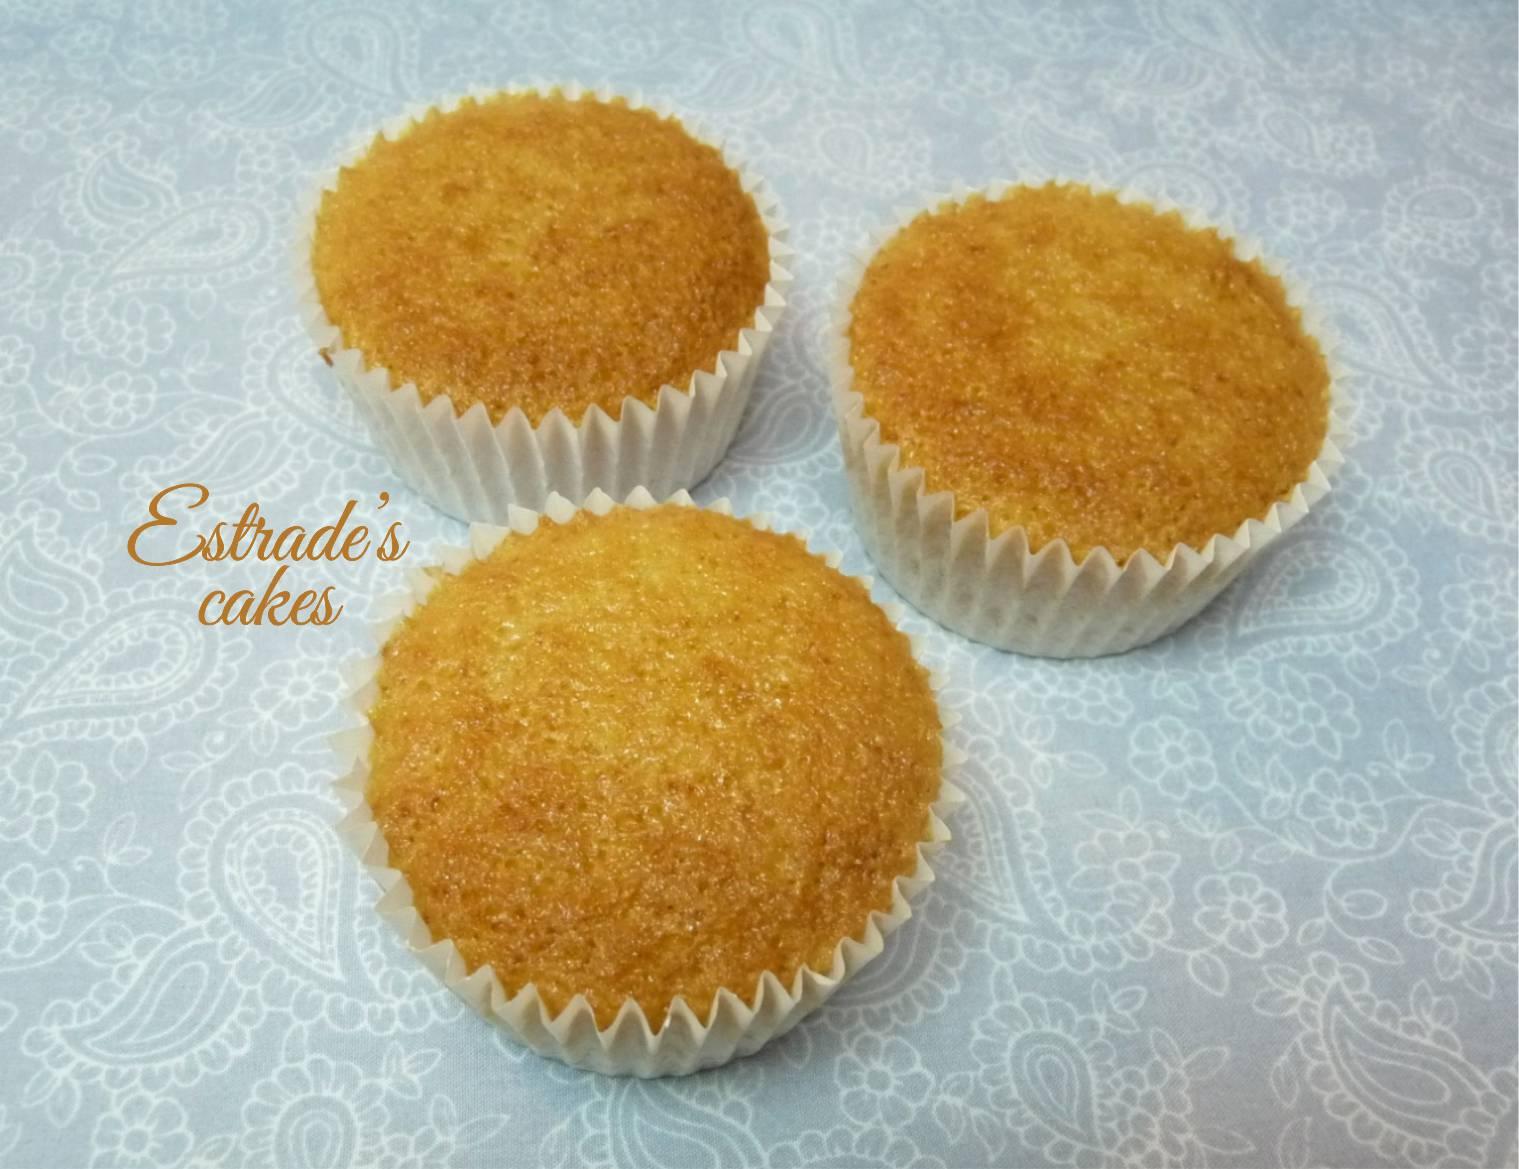 receta de cupcakes leche caliente - 3